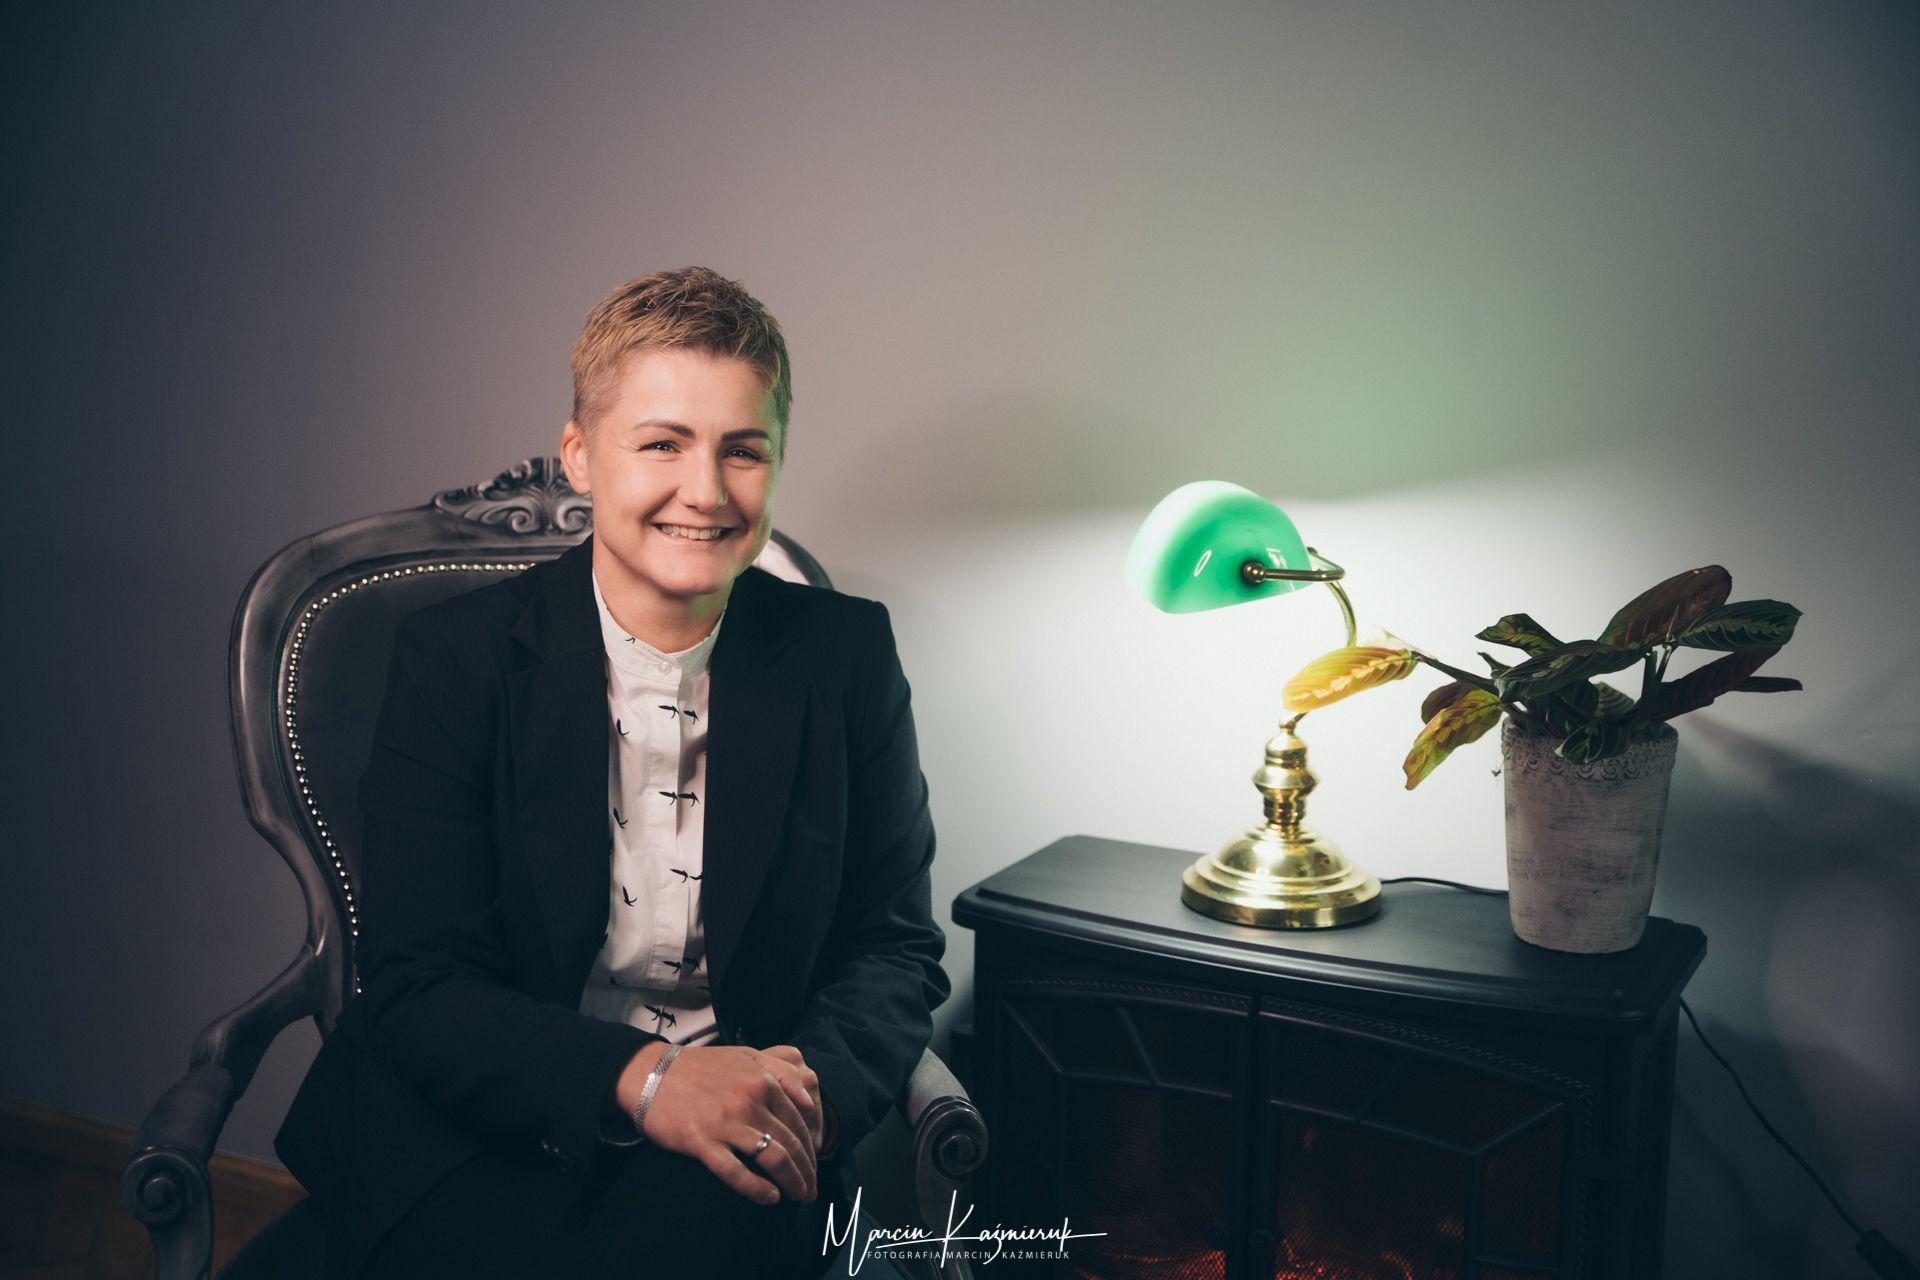 Ewa Jaśkiewicz